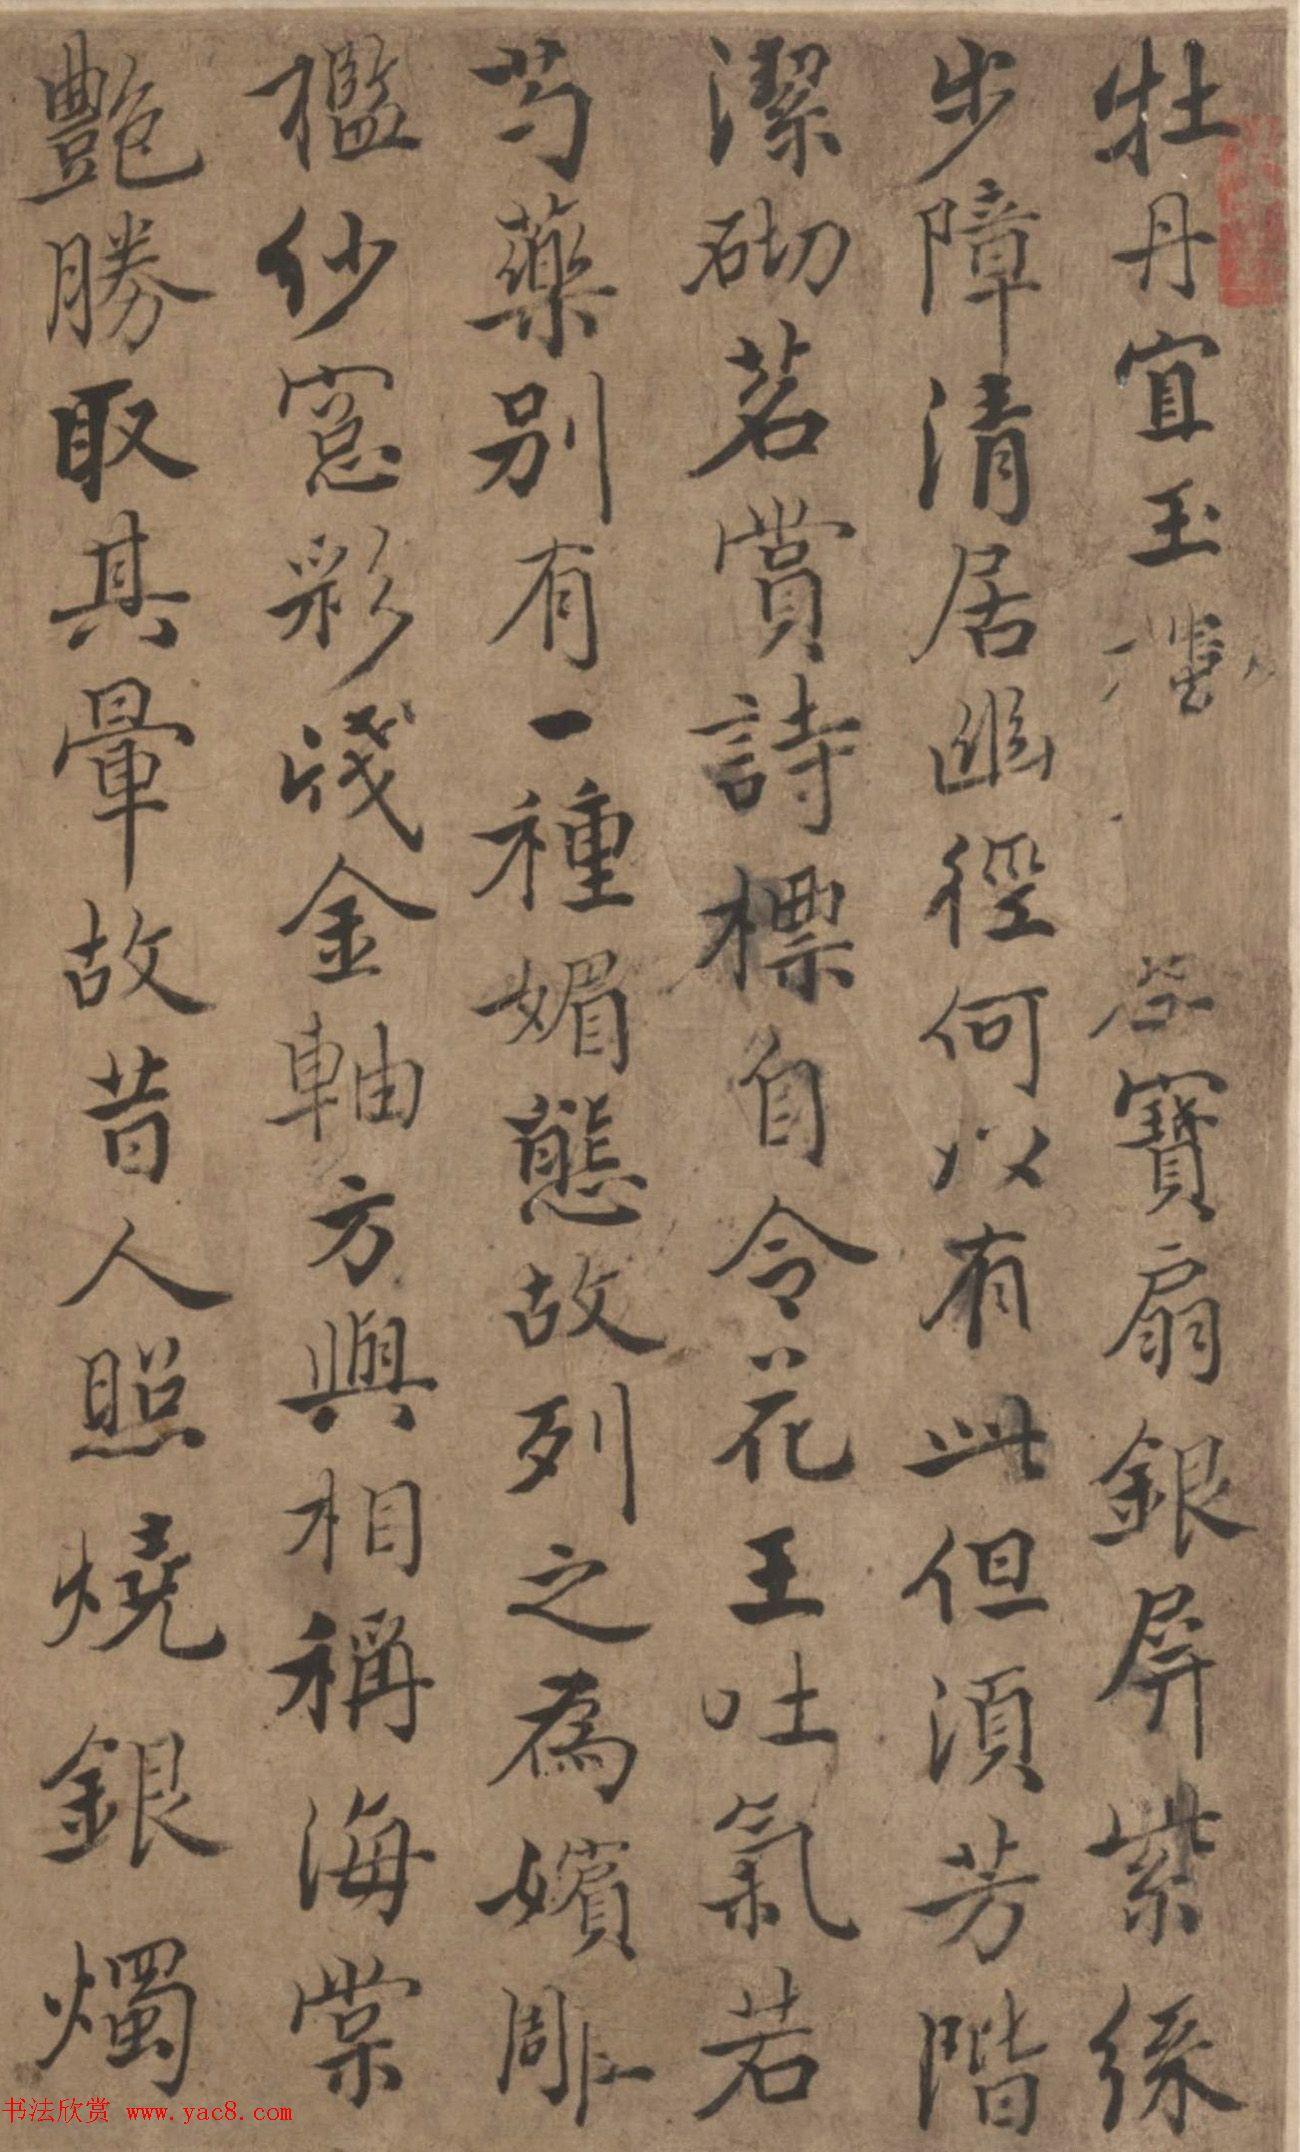 清代姚宋行楷书法《晋麈芳丛一段卷》